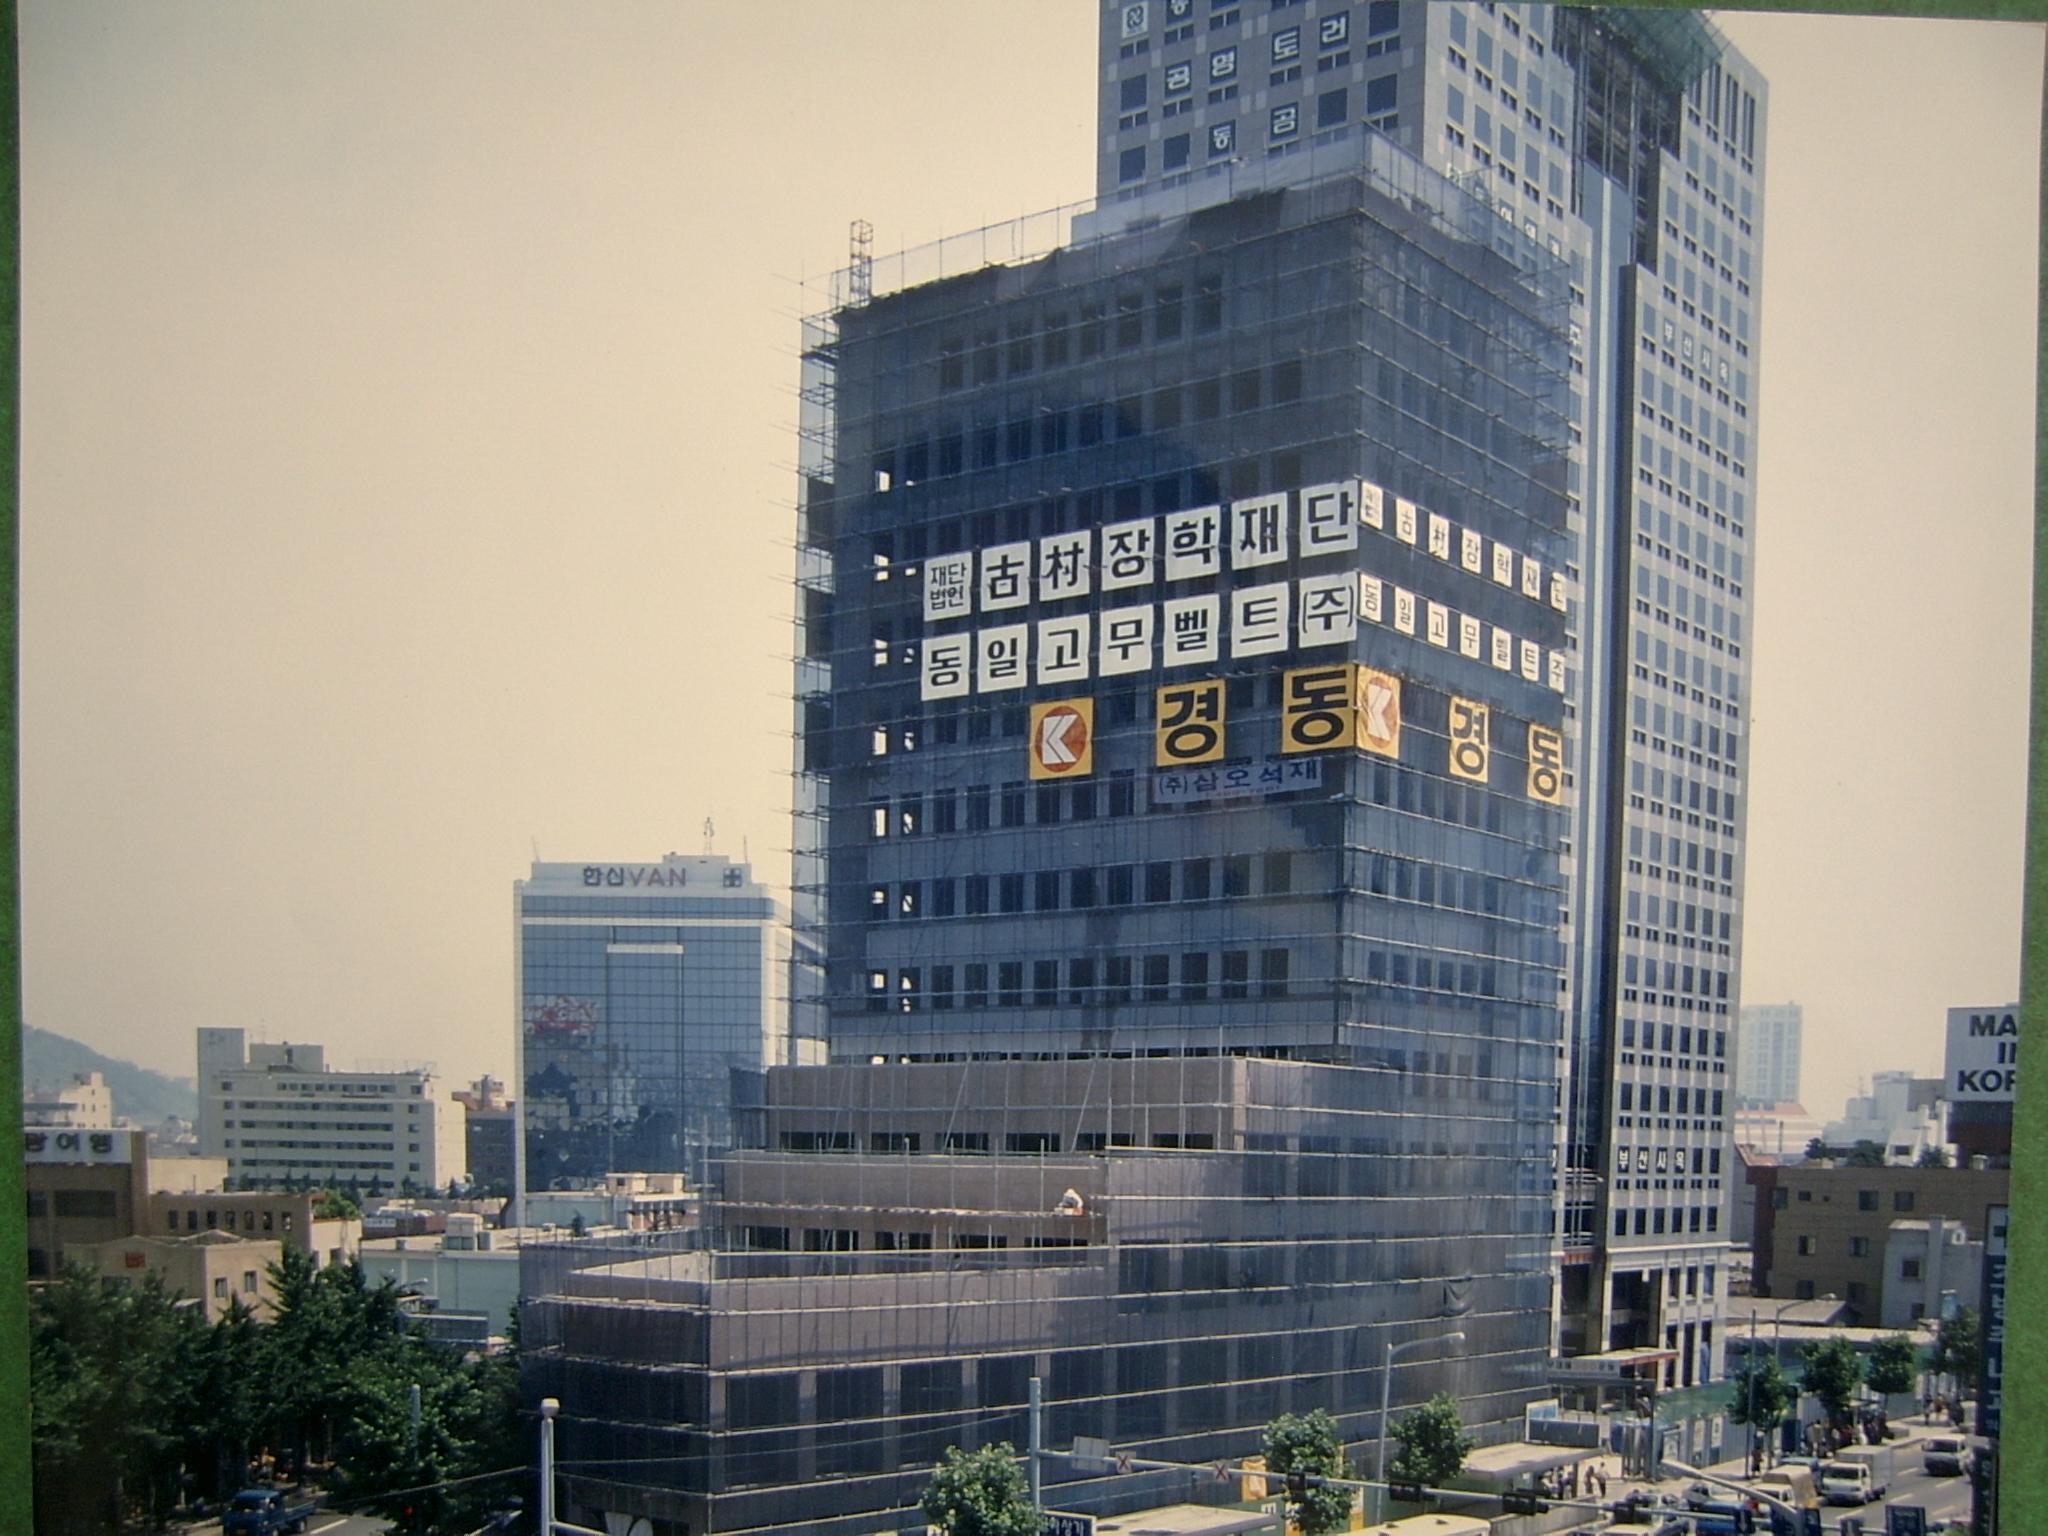 부전동 고촌빌딩 (1995.10)